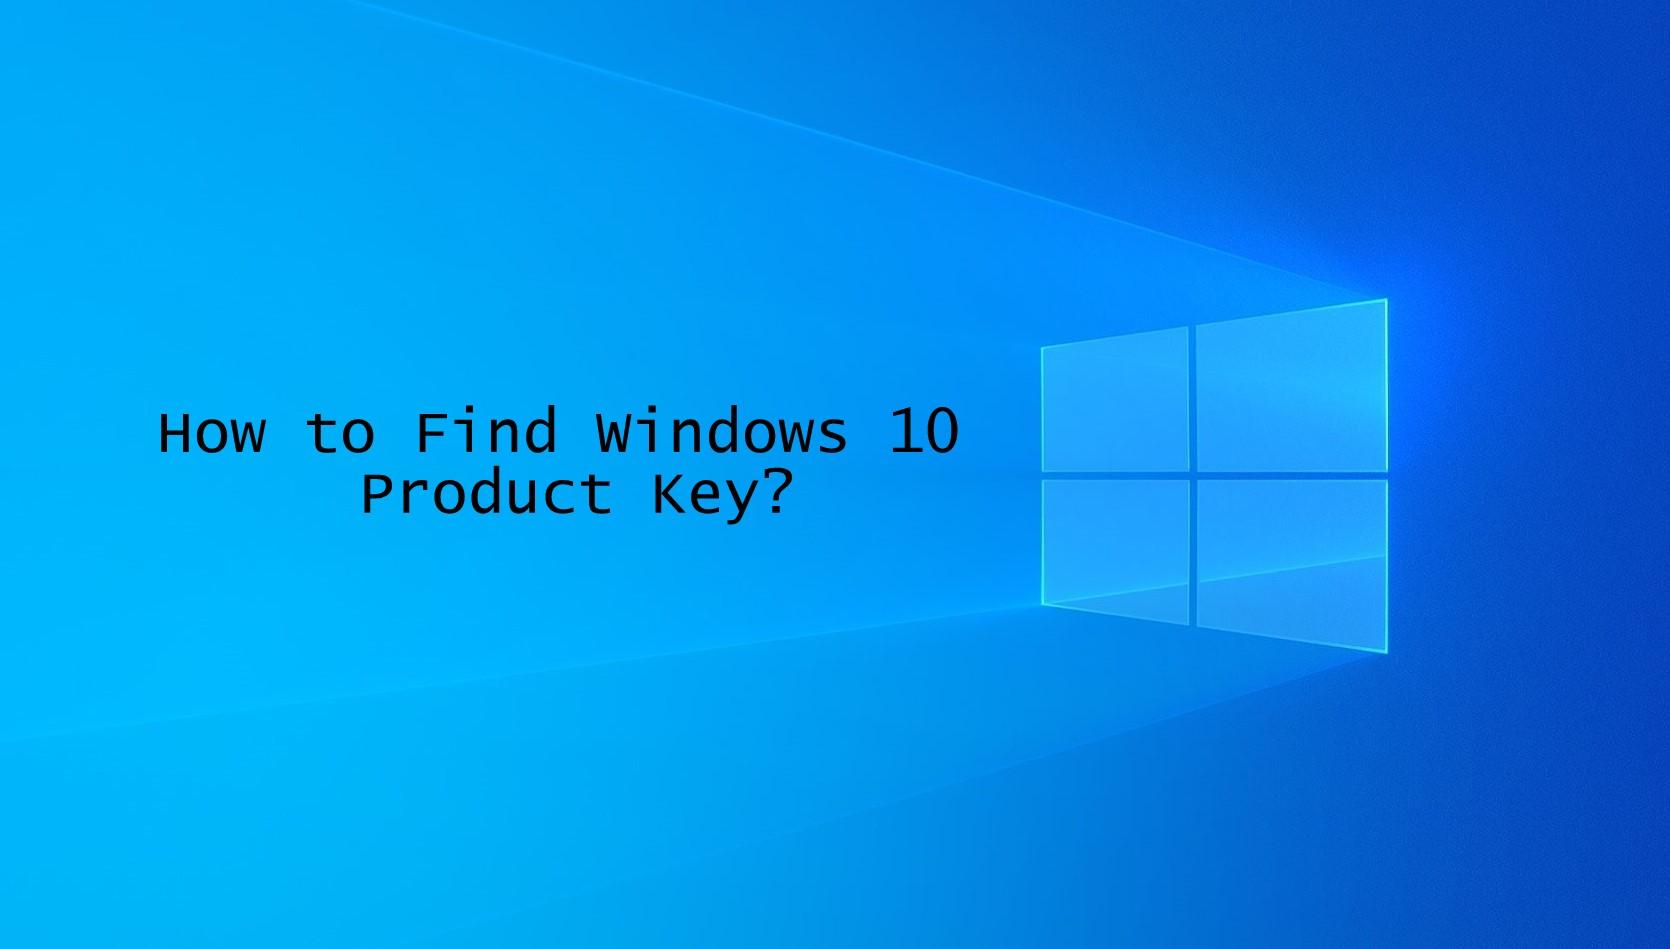 Nola aurkitu Windows 10 Produktuaren gakoa [6 Easy Methods]